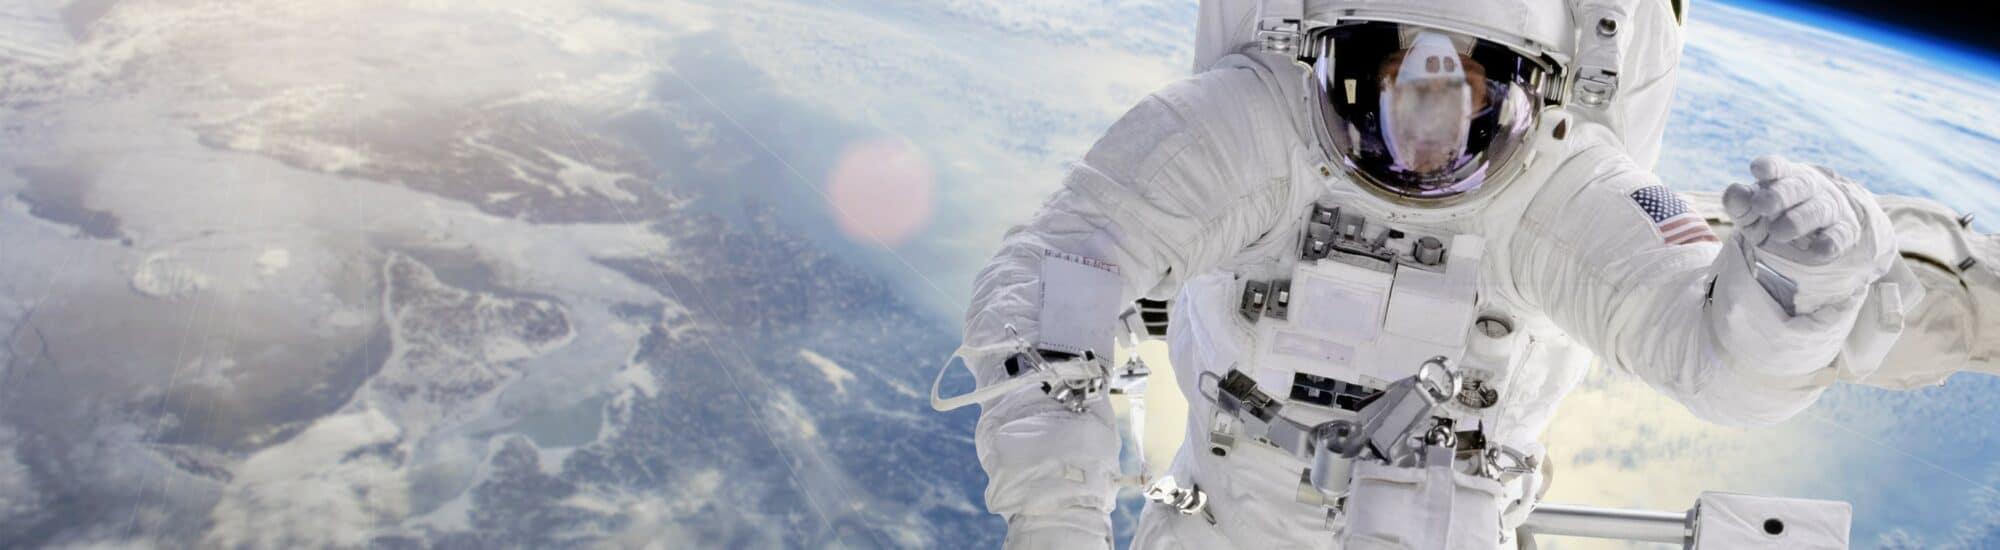 Österreich will mit Weltraum-Strategie Klimaschutz fördern